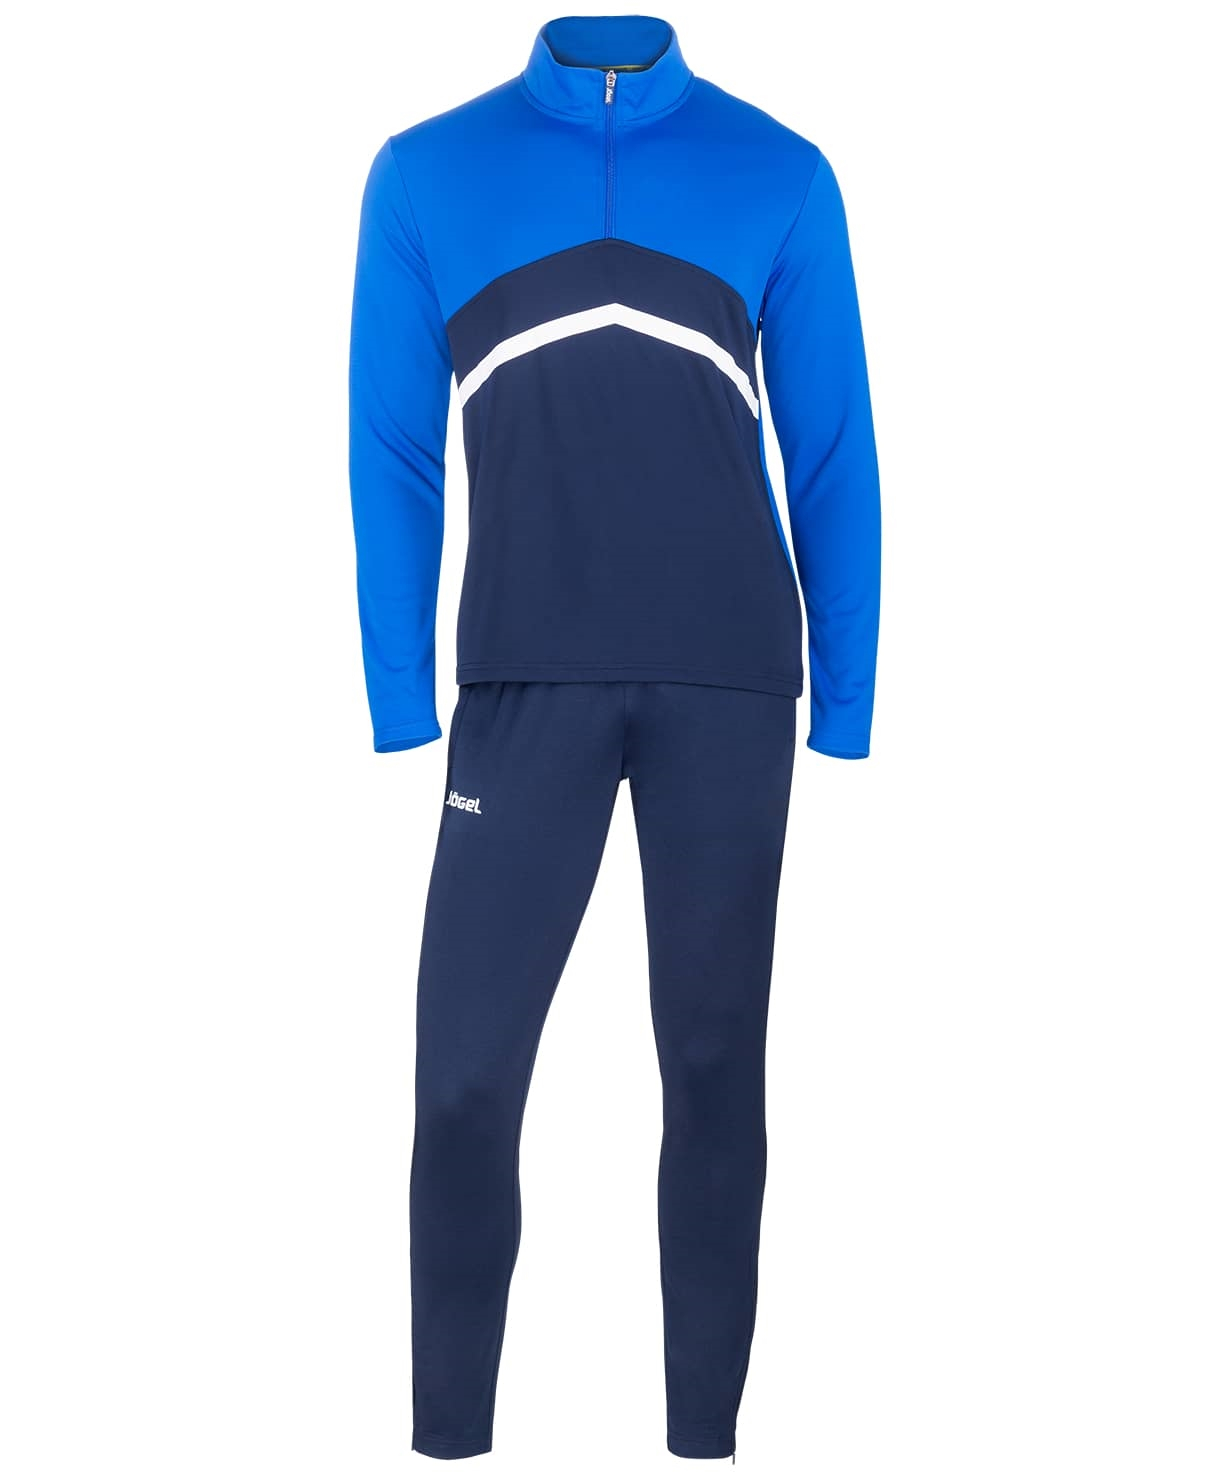 Костюм тренировочный JPS-4301-971, полиэстер, темно-синий/синий/белый